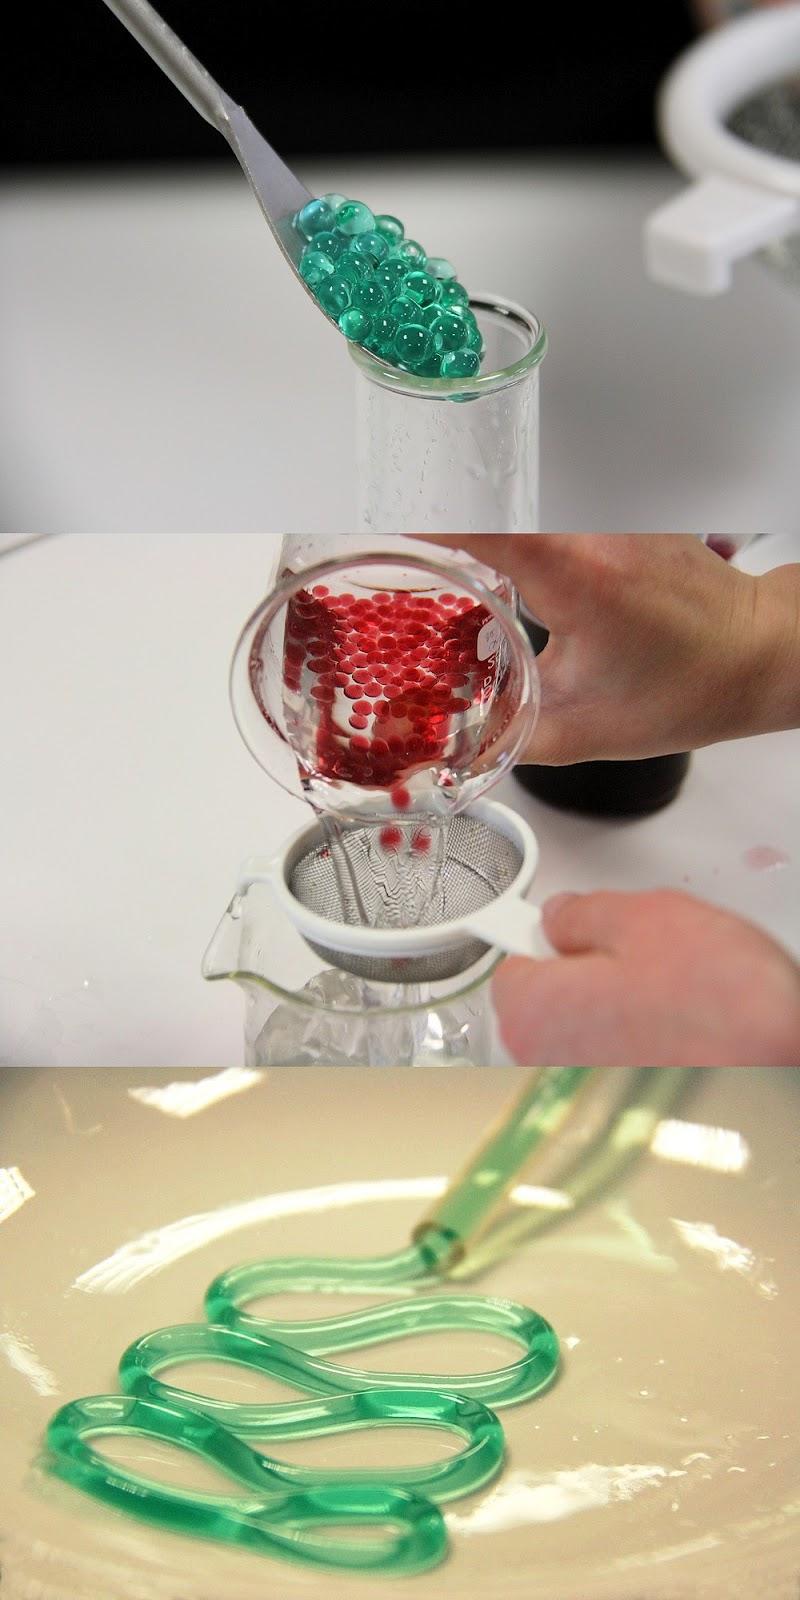 Les proc d s de la cuisine mol culaire conclusion - La cuisine moleculaire tpe ...